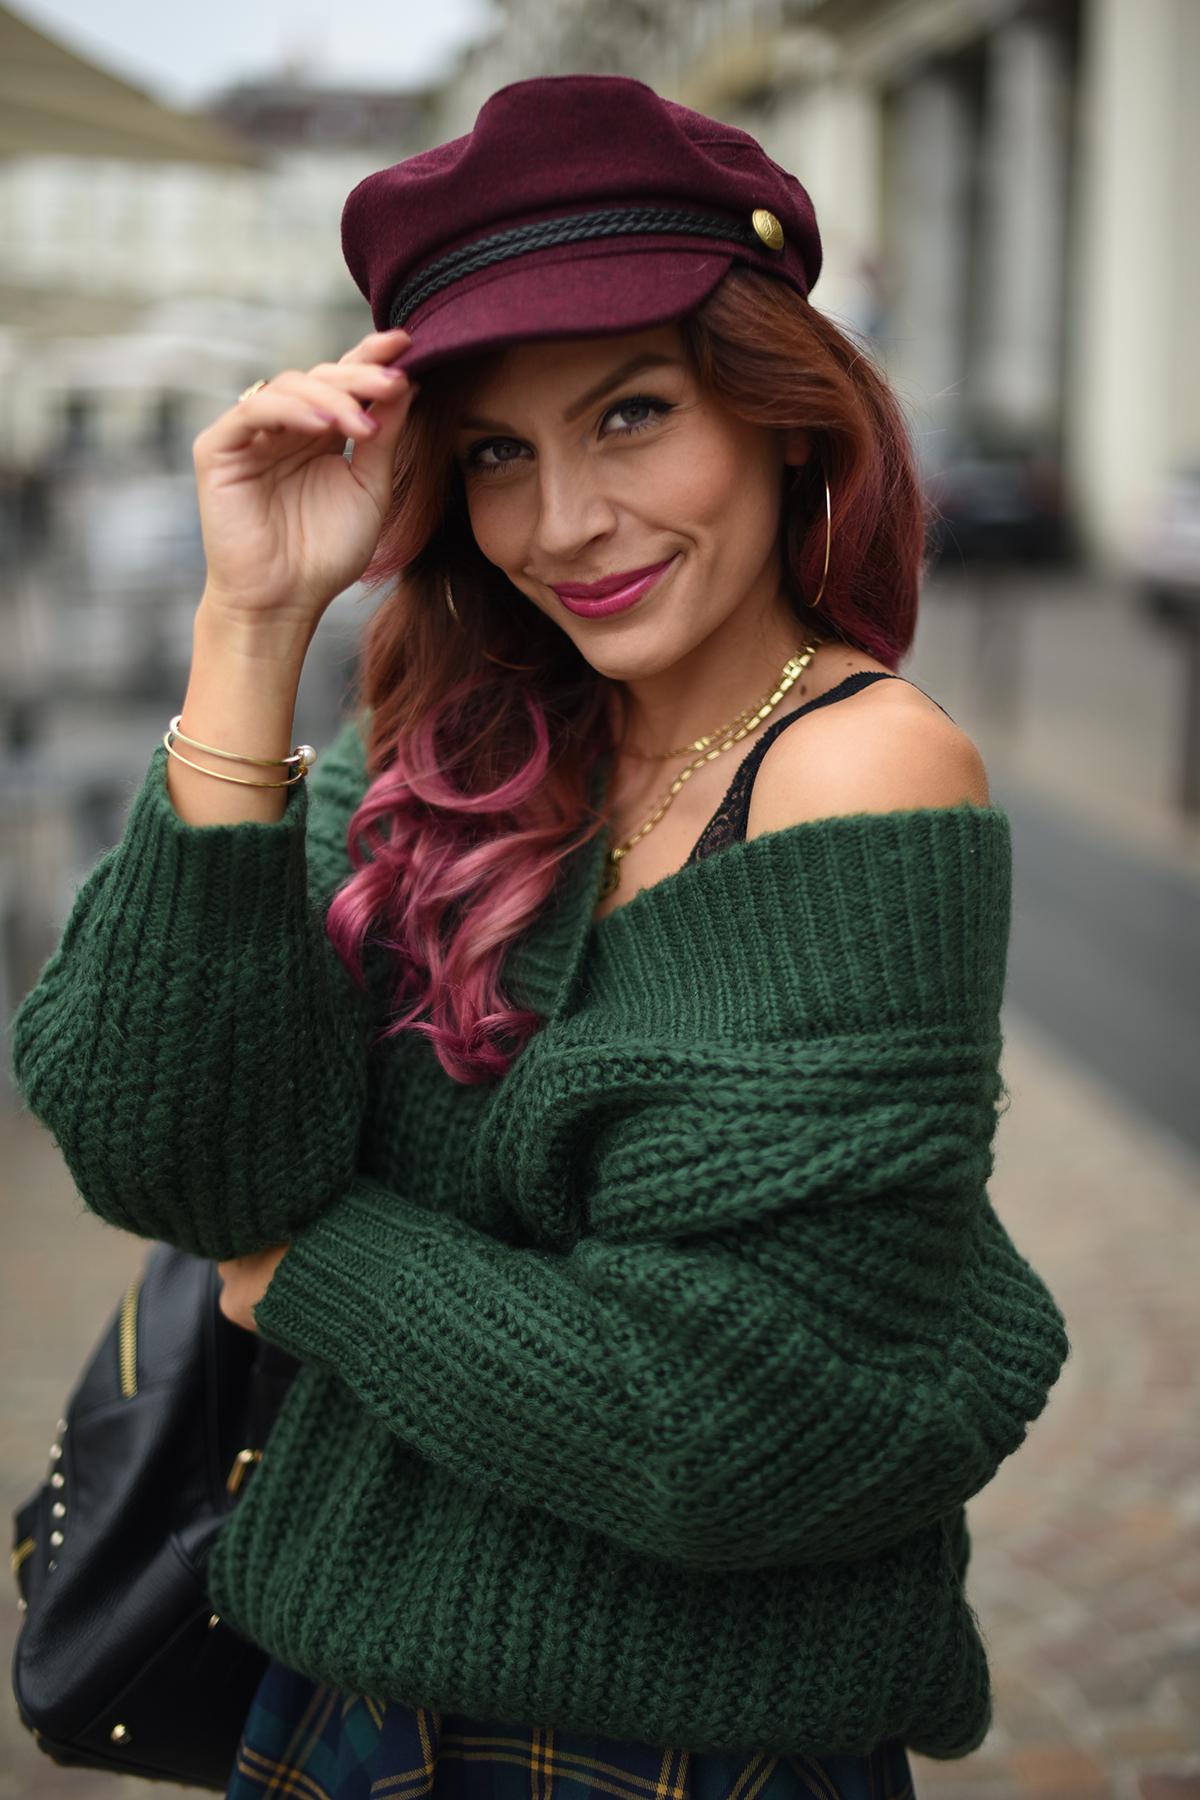 ... moda cappelli autunno inverno 2017 2018 vi possano essere utili! Vi  lascio con alcune foto di outfit da me indossati in questi giorni con il  basco ed il ... 3b8b73df33f4